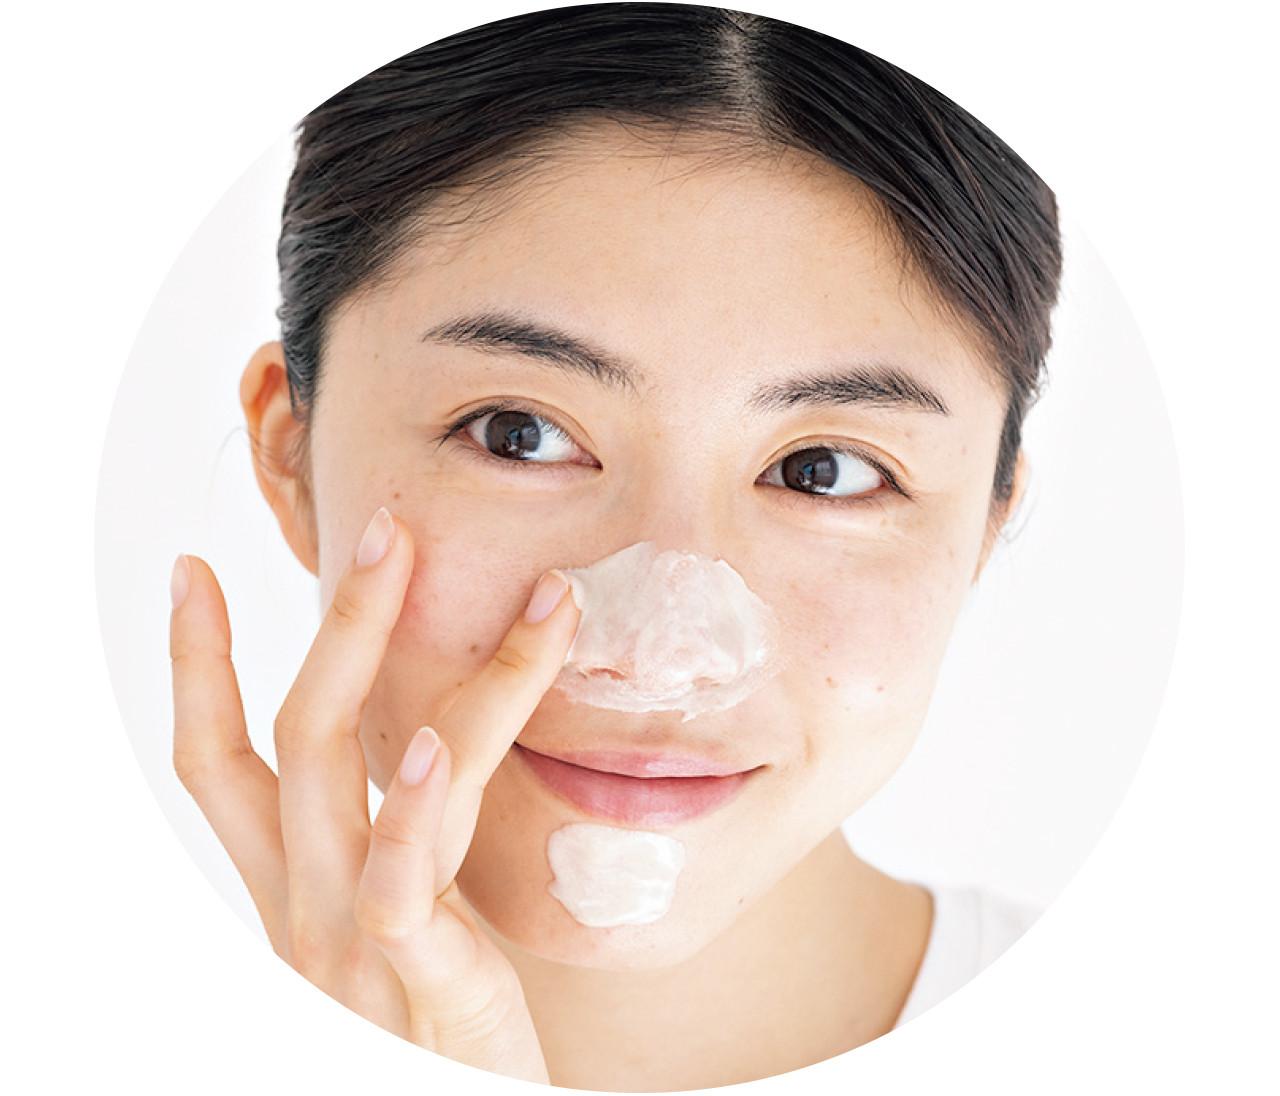 【毛穴ケア】鼻の詰まり毛穴「白いプツプツ」は温感&クレイで吸着!